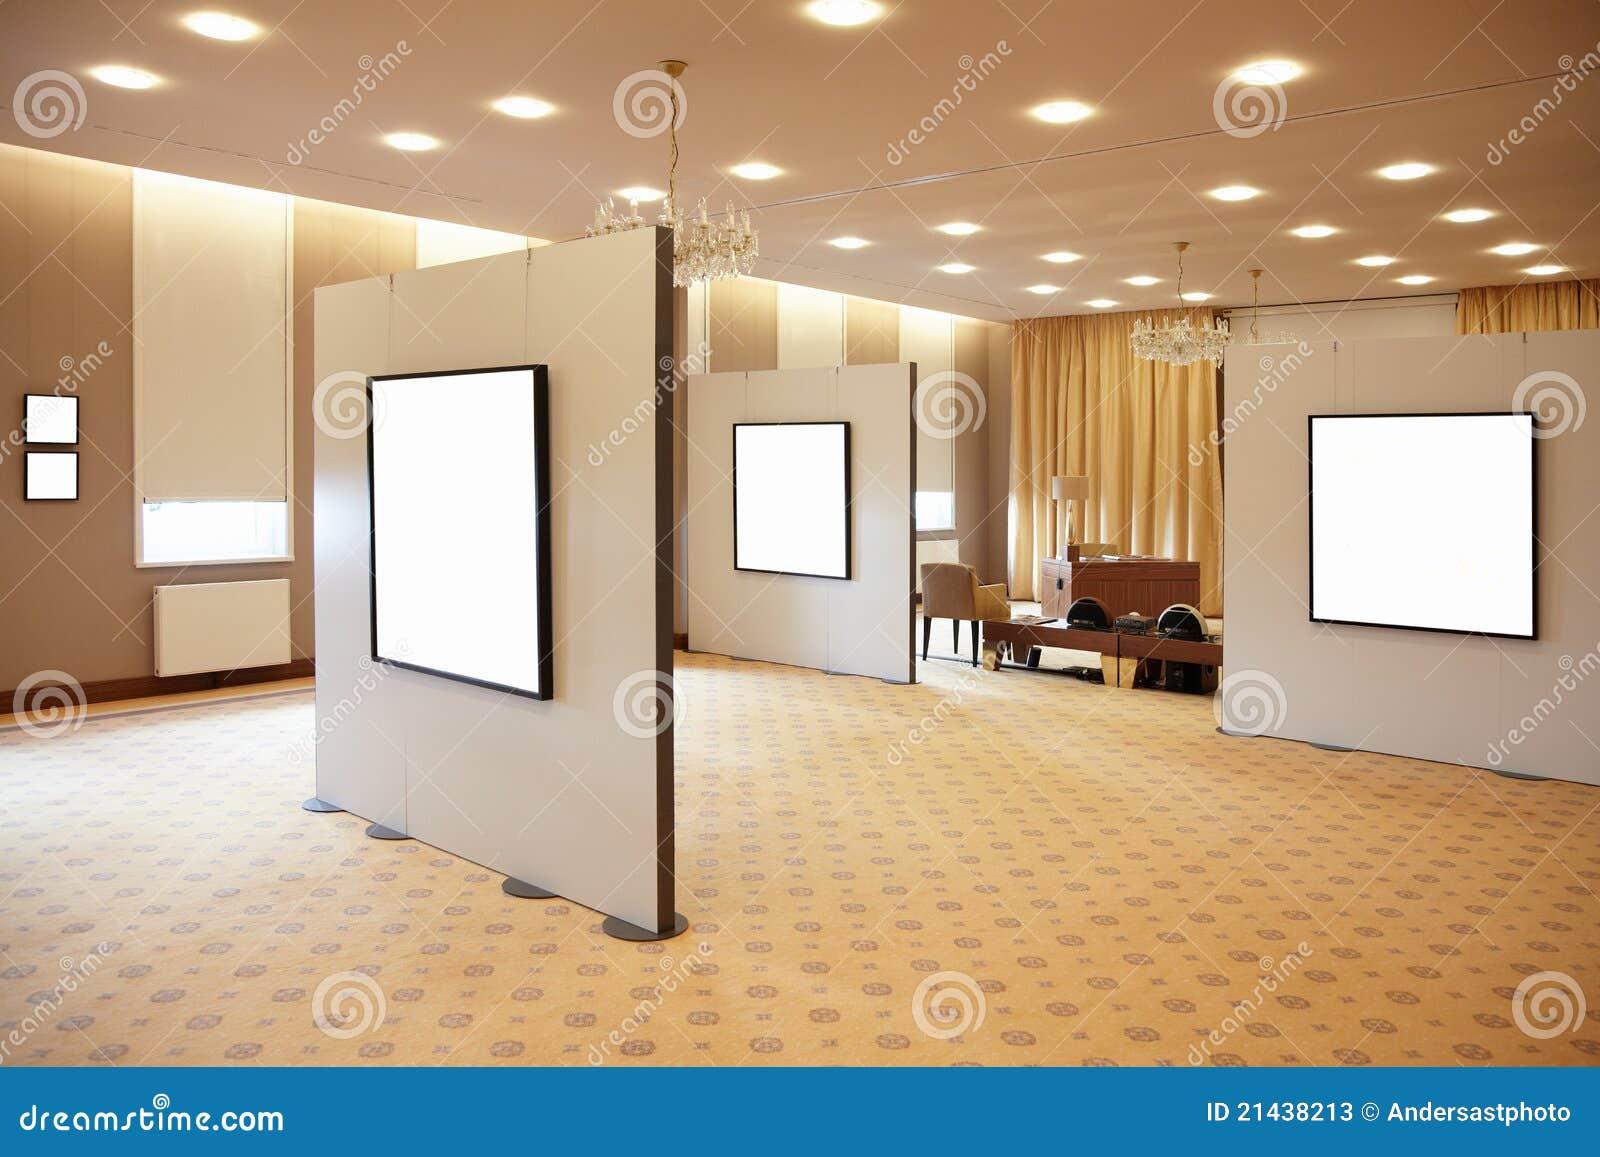 Marcos Blancos En Blanco En Galería De Arte Imagen de archivo ...